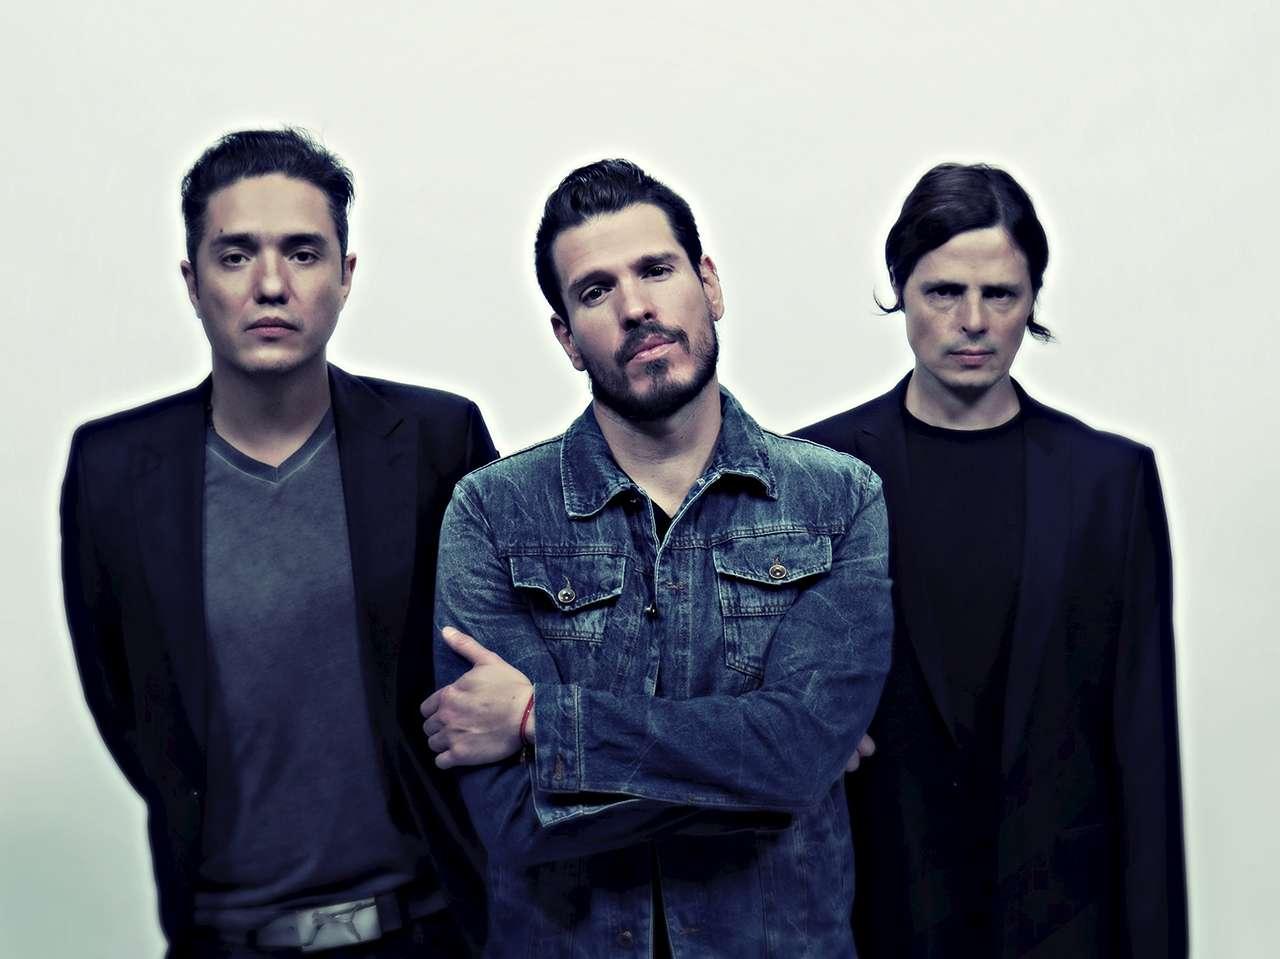 Erik Neville (guitarra), Francisco Familiar (voz) y Edgar Hansen (bajo) son los integrantes de DLD. Foto: Oficial